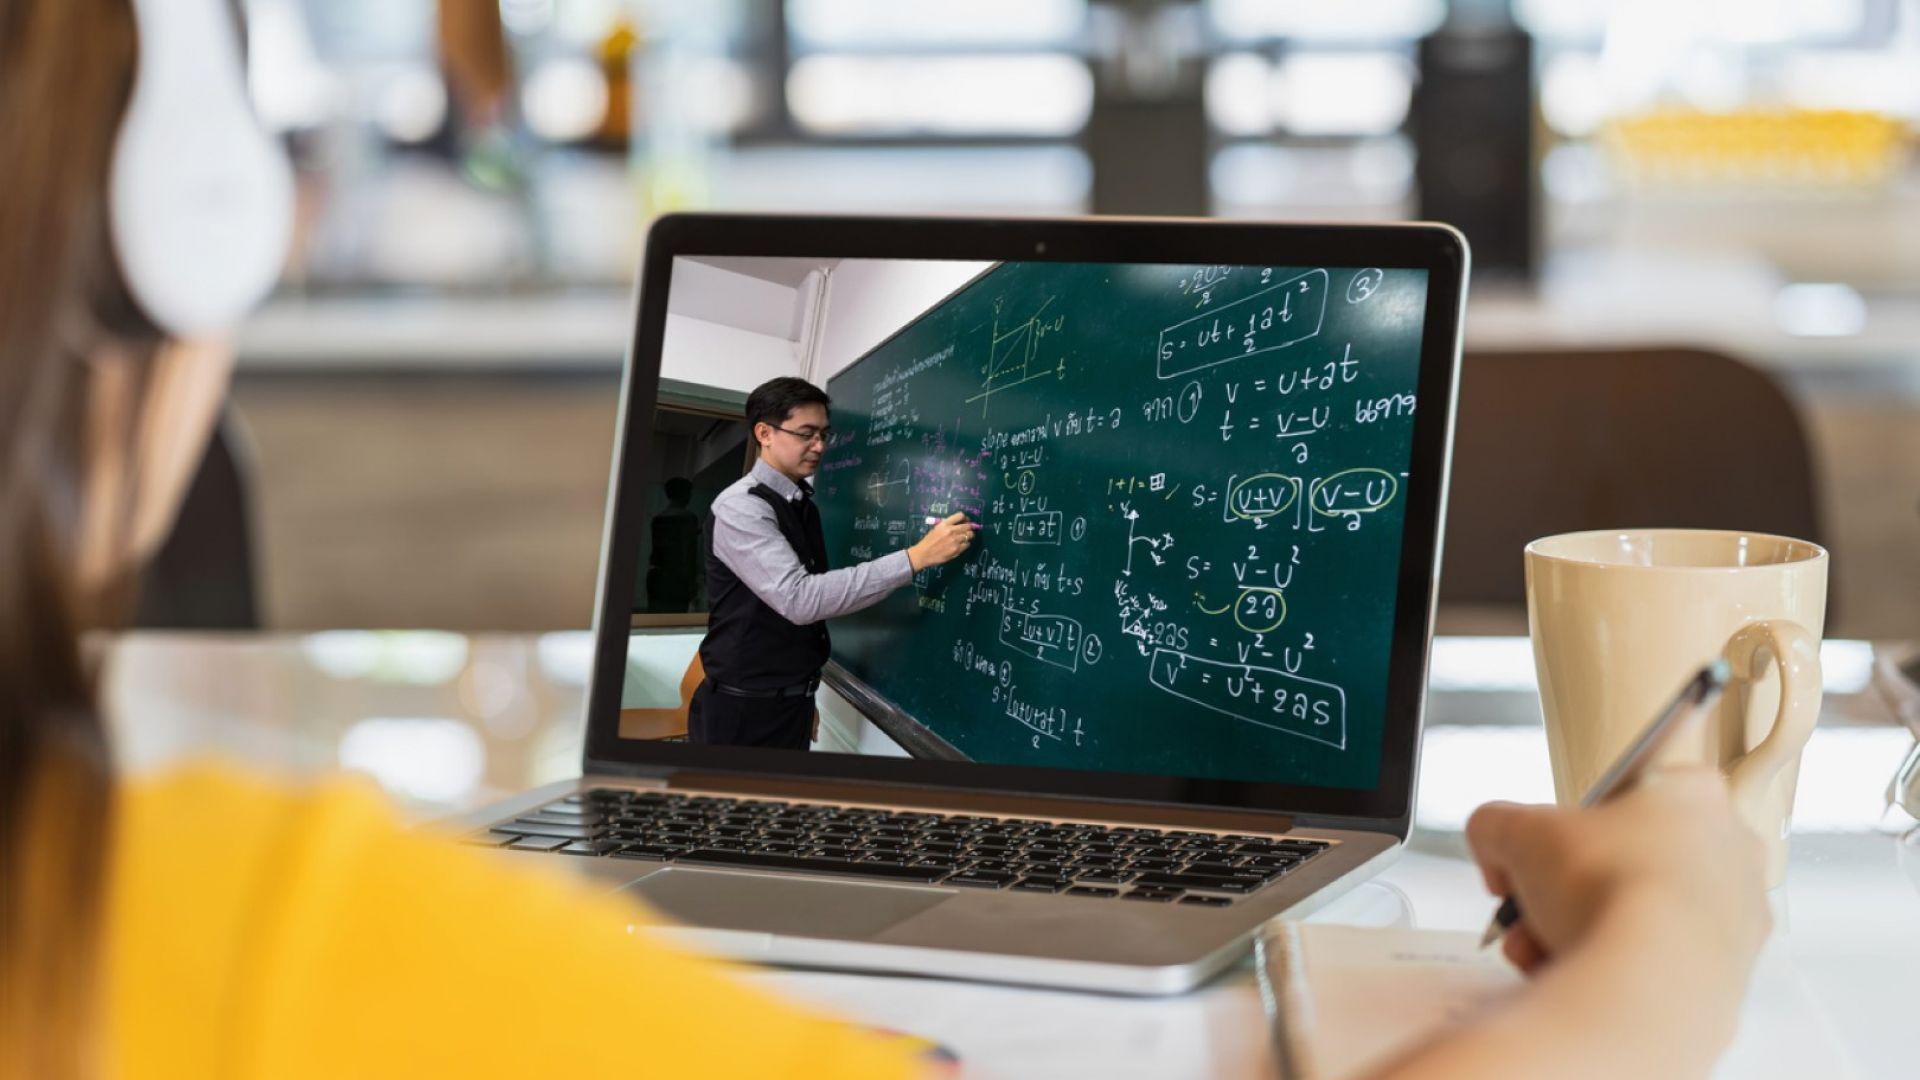 Дигиталното образование ще запаи популярността си и след пандемията